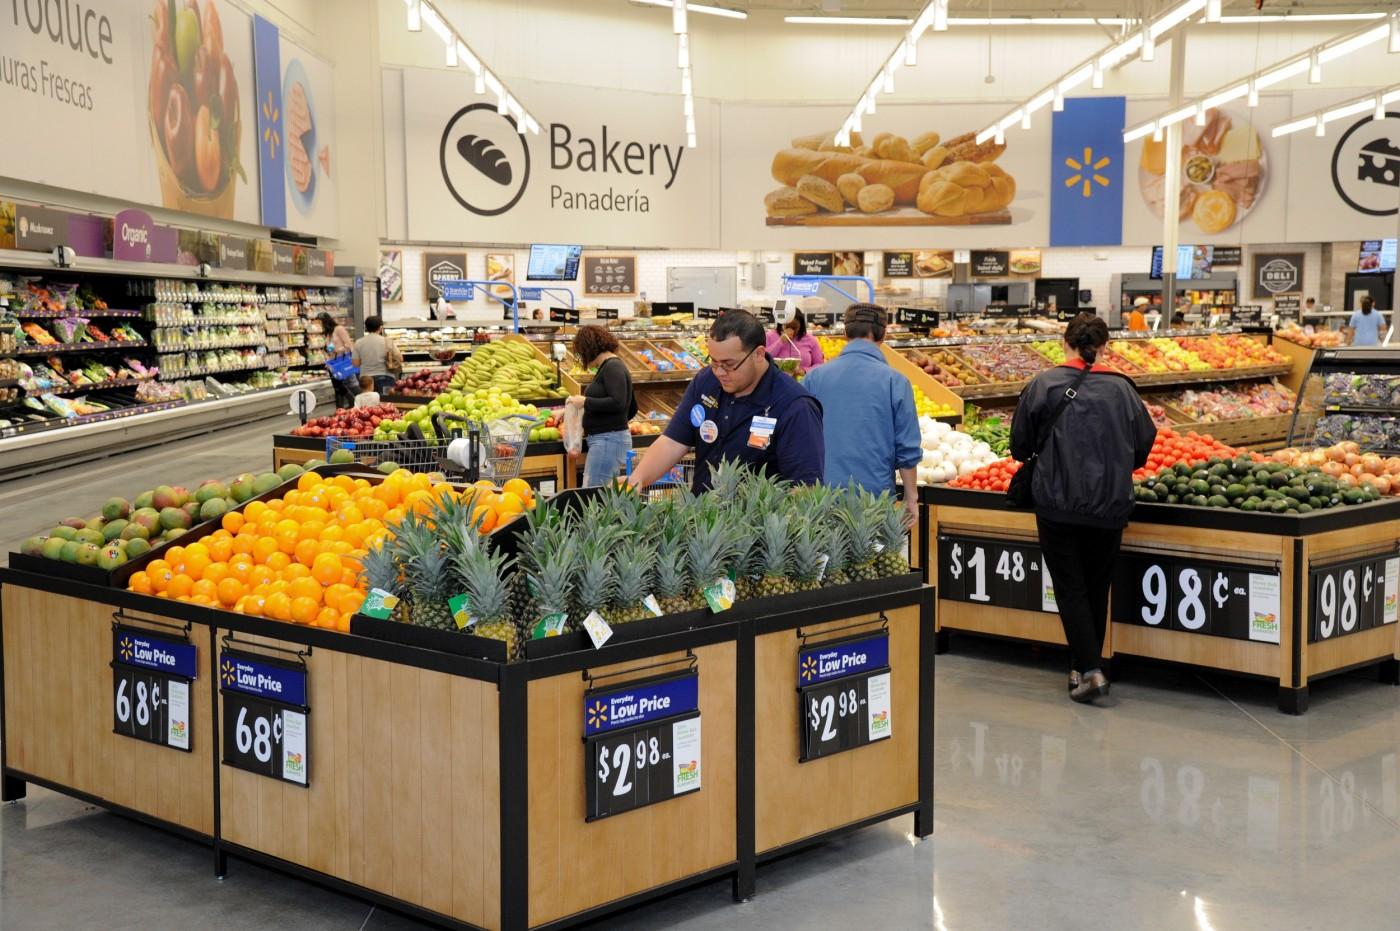 對抗亞馬遜從「雲端」開始,微軟拿下零售巨頭Walmart大單